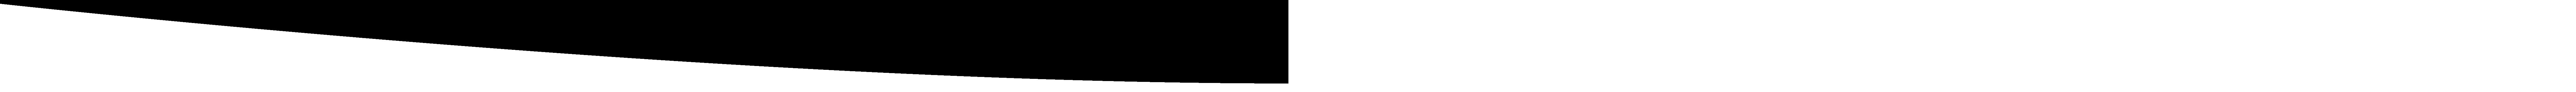 Geschwungener Bogen als gestalterische Grafik